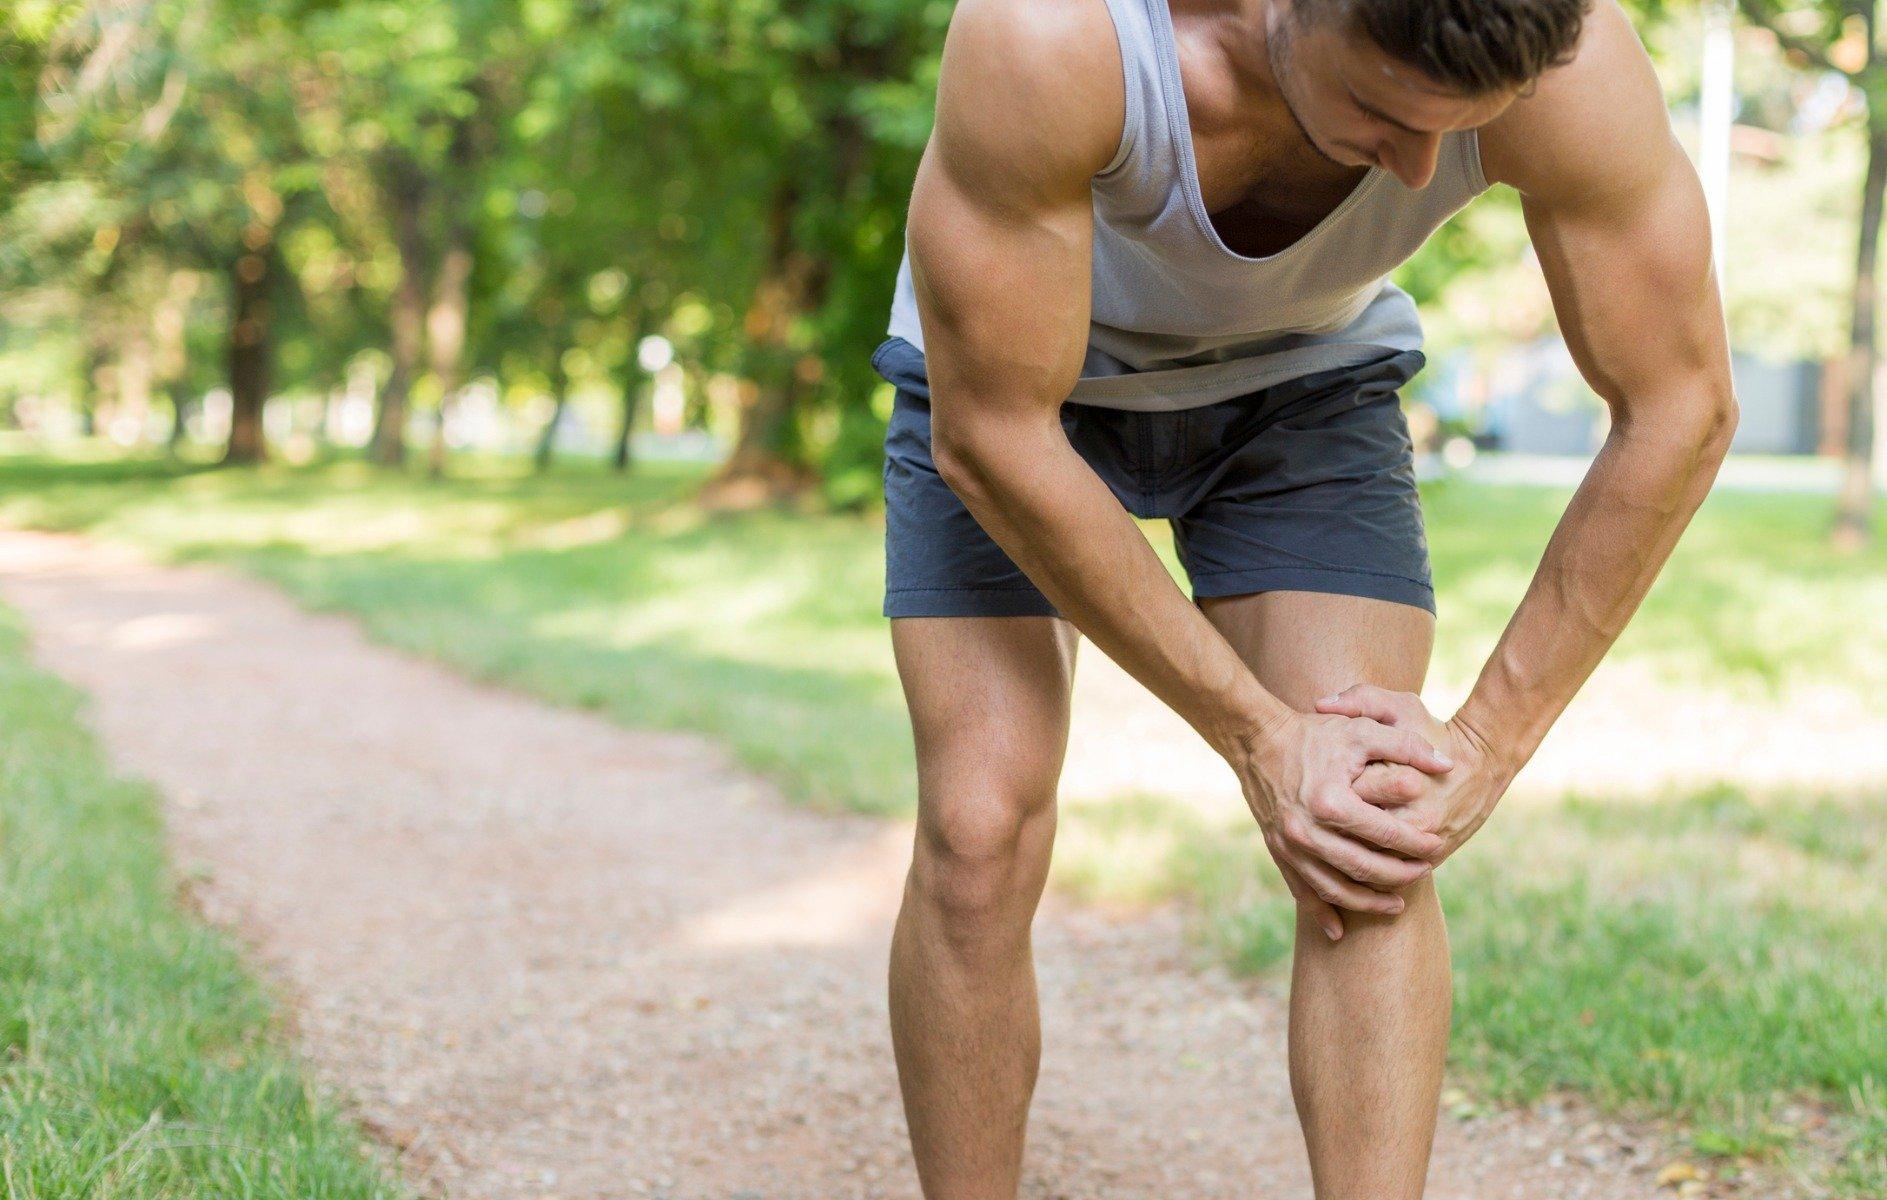 ízületek fáj, hogyan kell edzeni